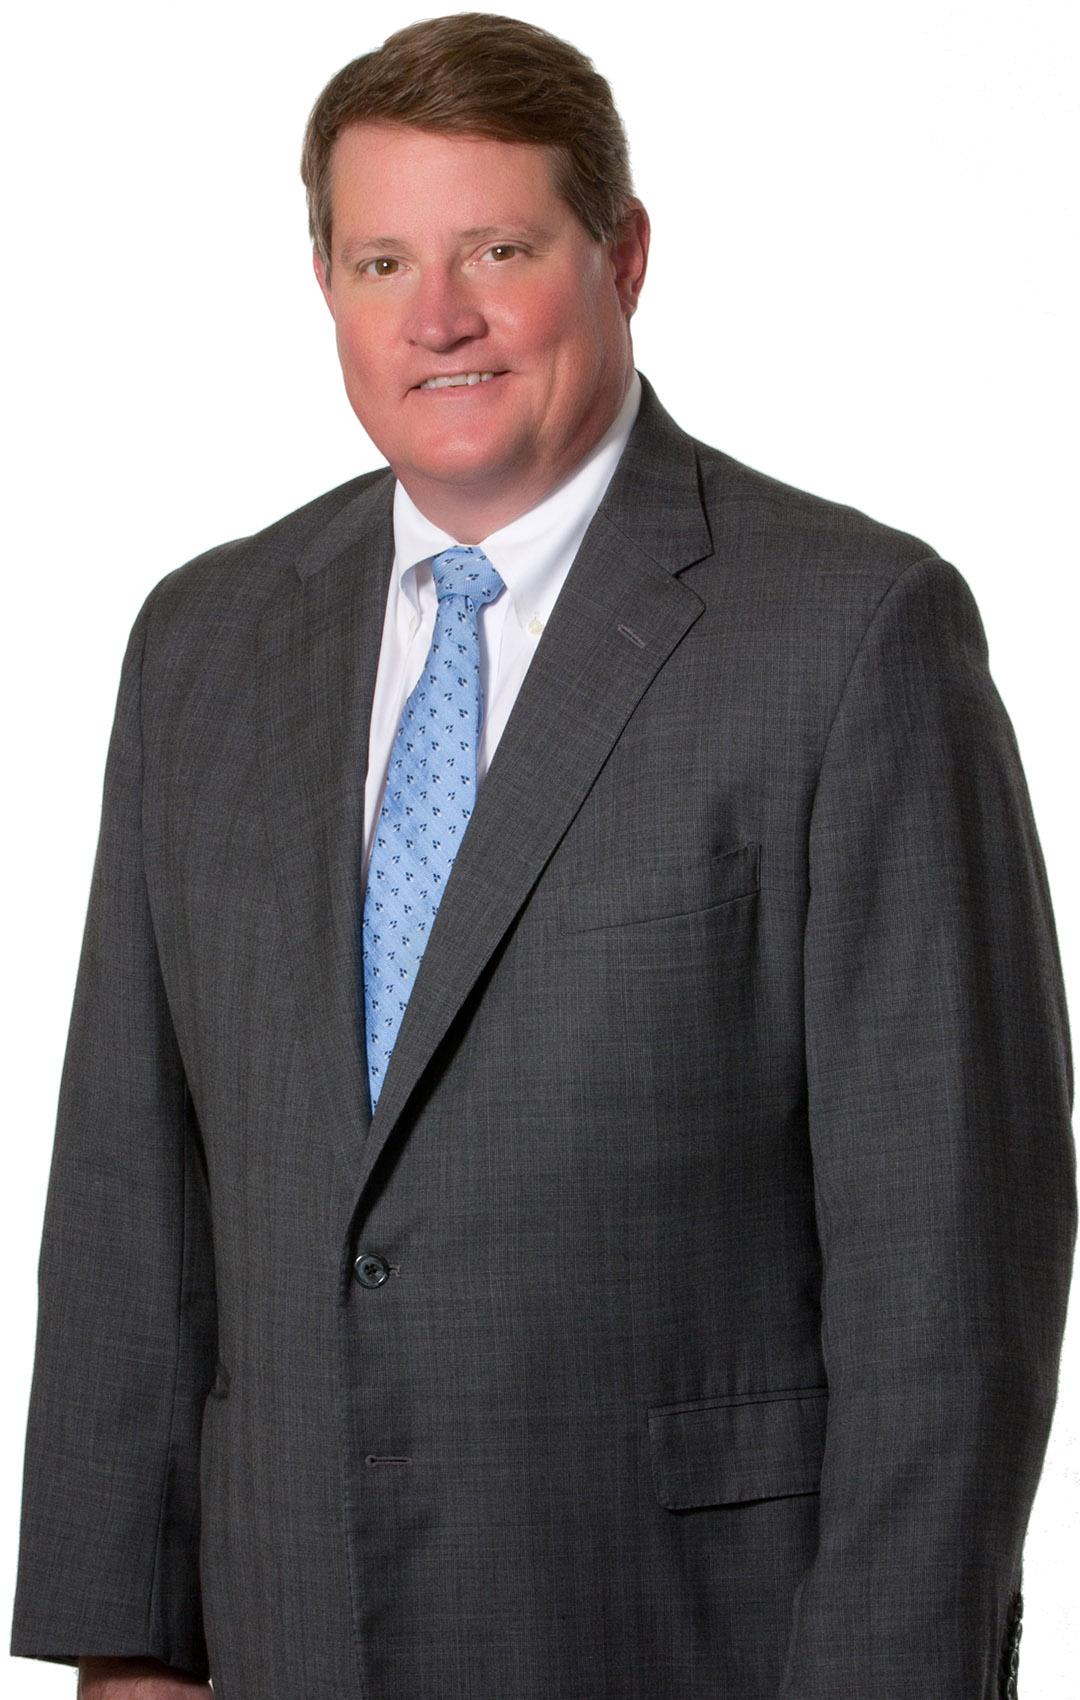 Brett T. Hanna